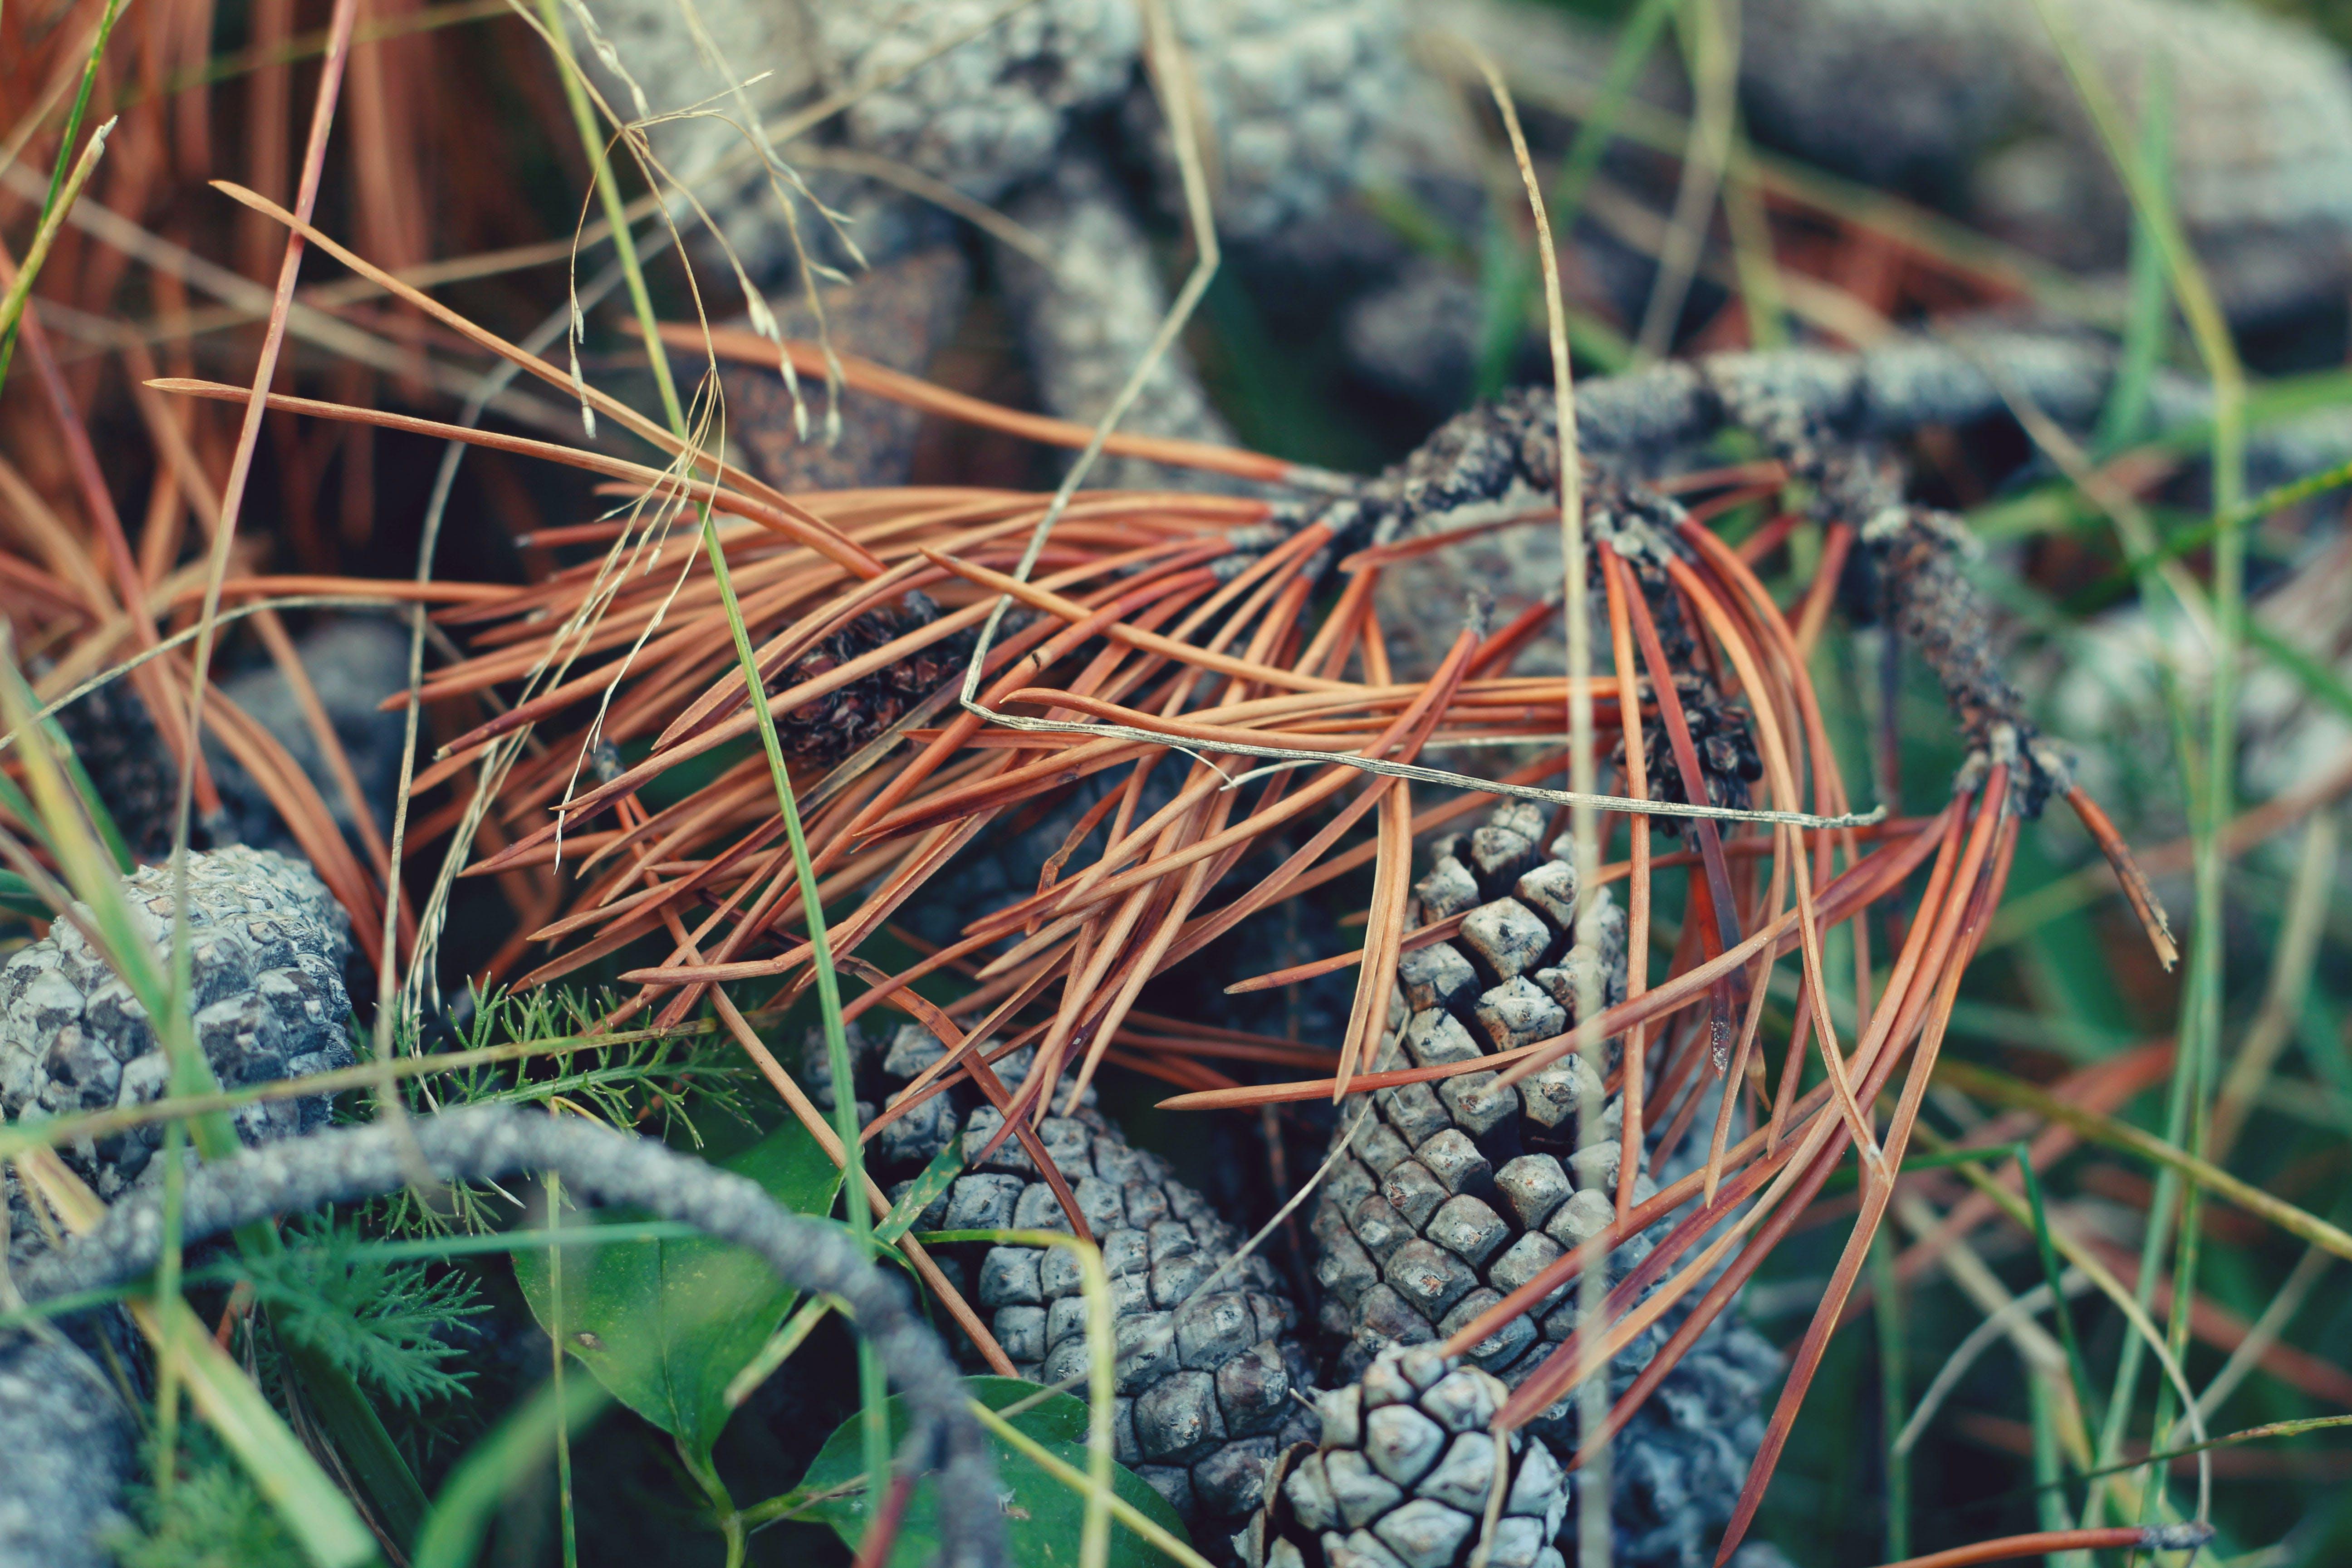 Free stock photo of pine cones